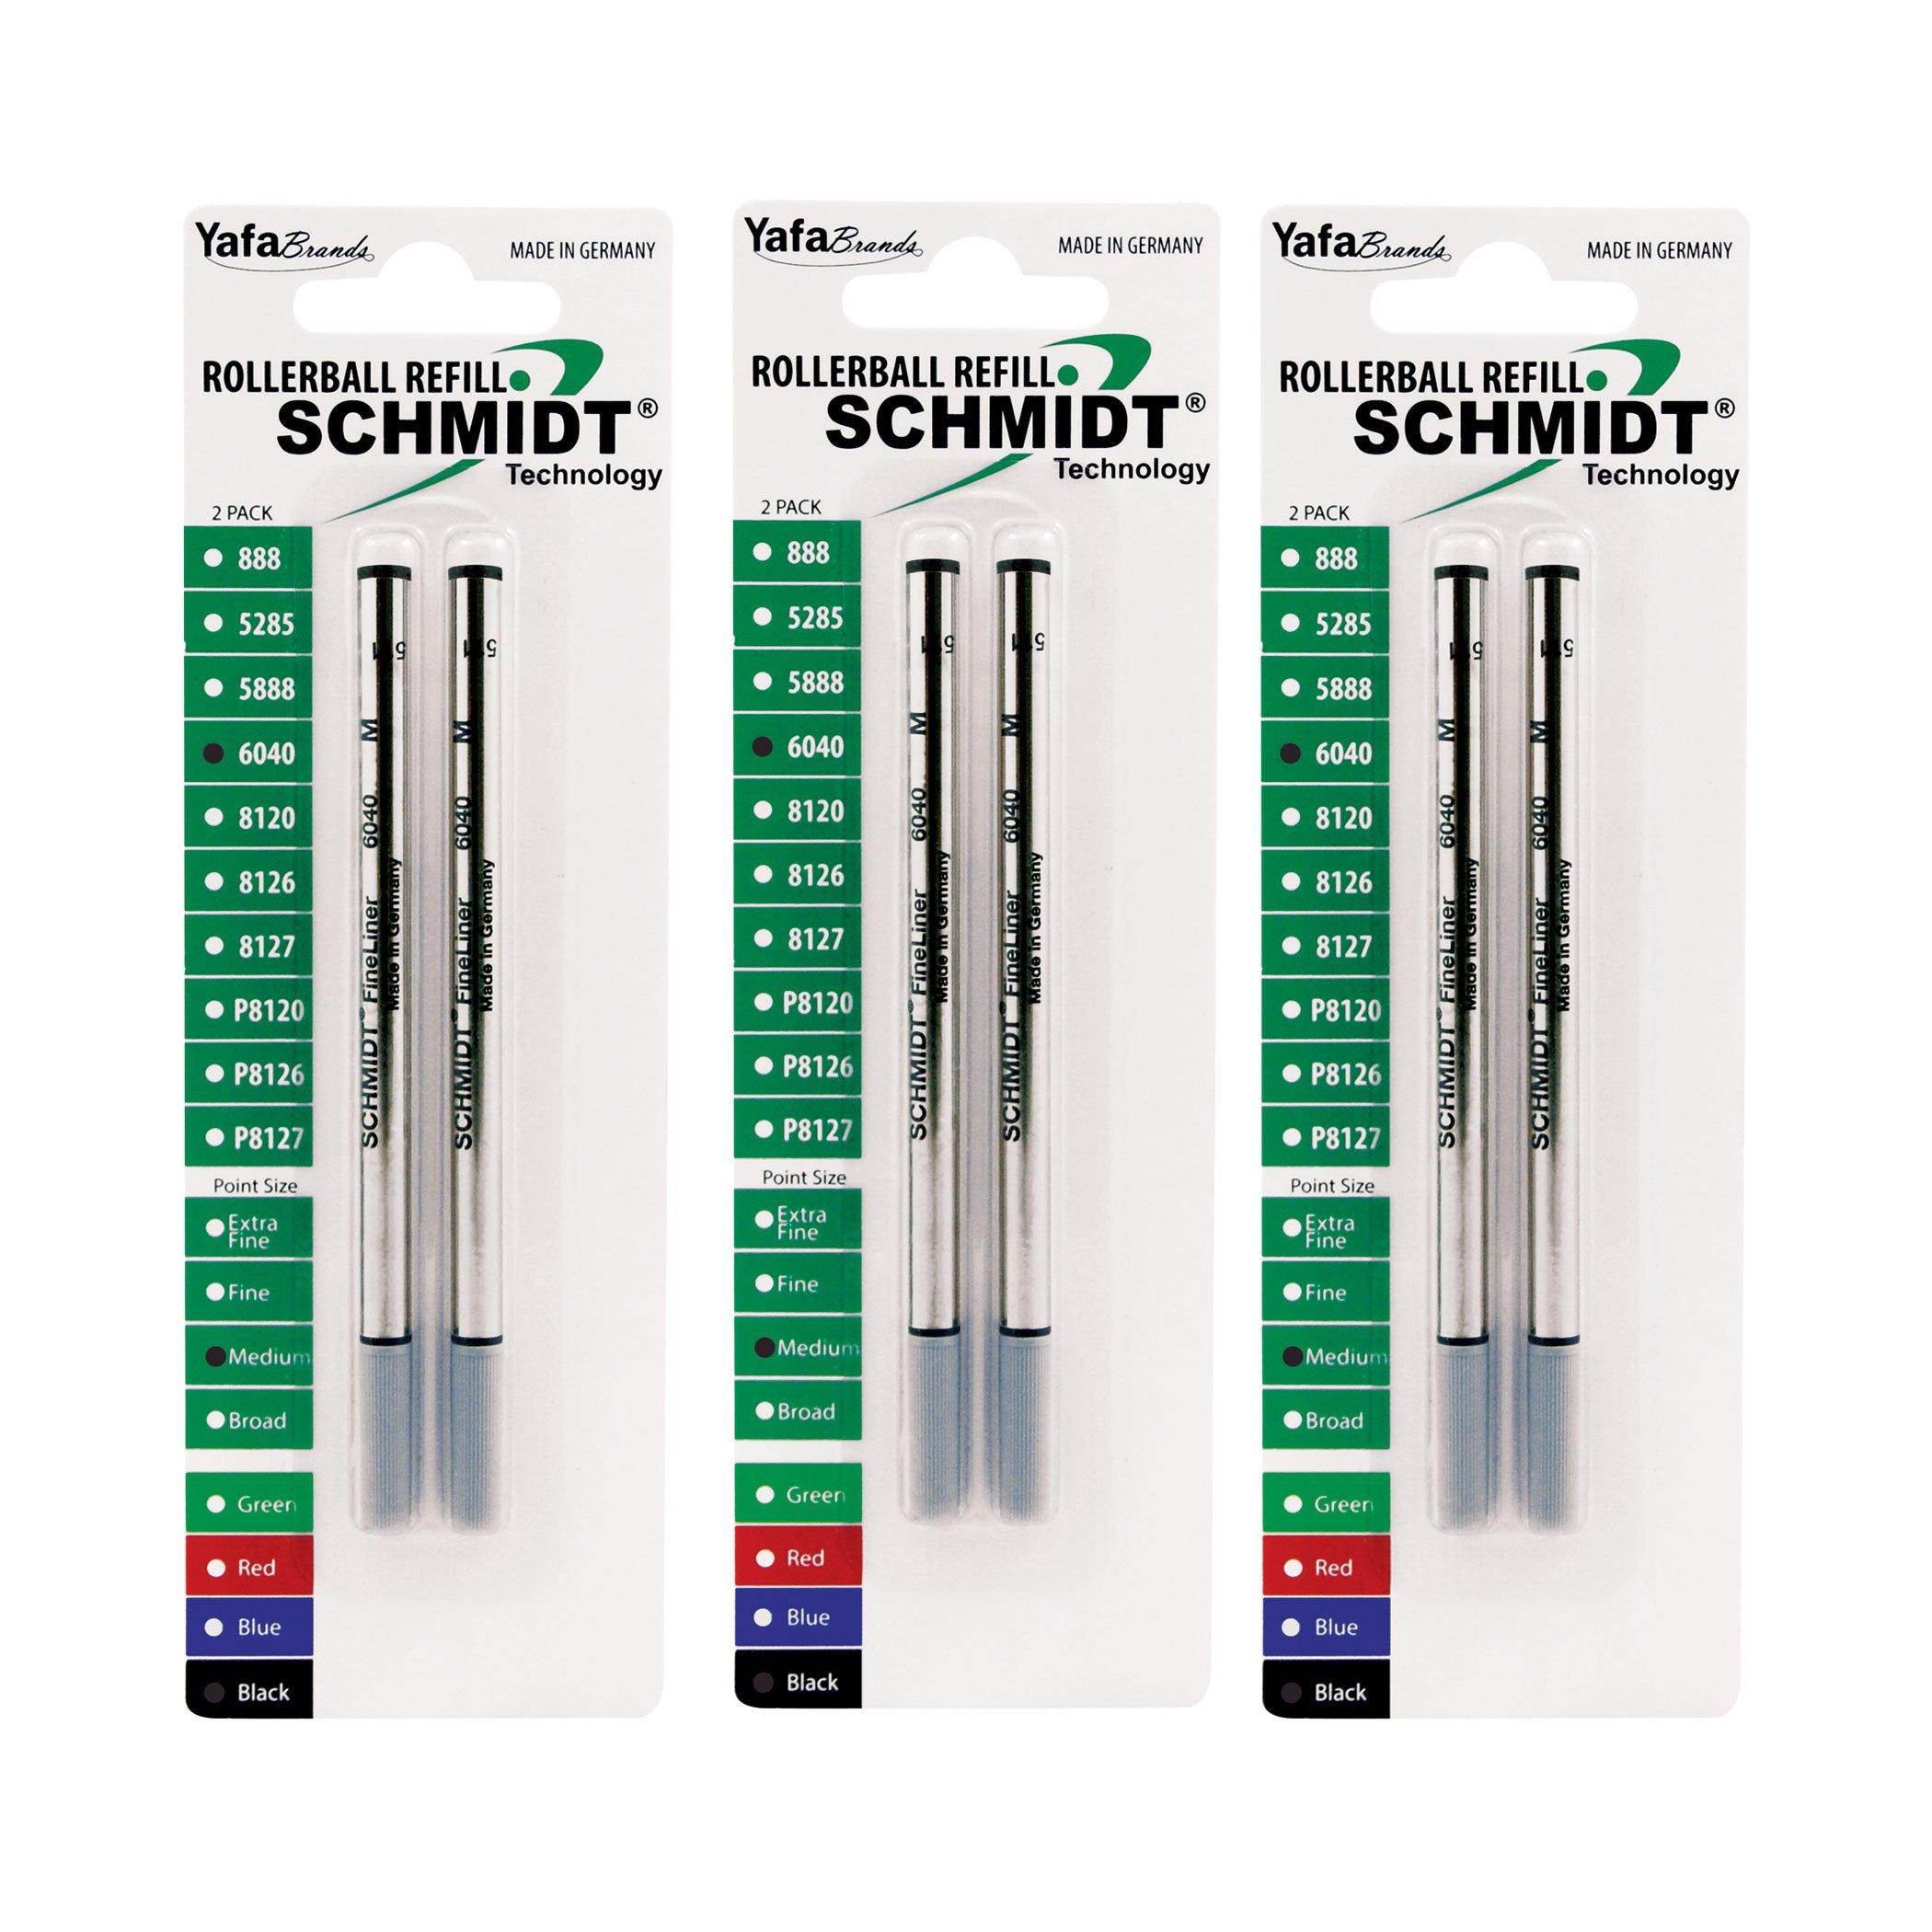 Schmidt Fineliner 6040 with Spring Loaded 1.0mm Tip Black, 6 Pack Blister (SC58177)